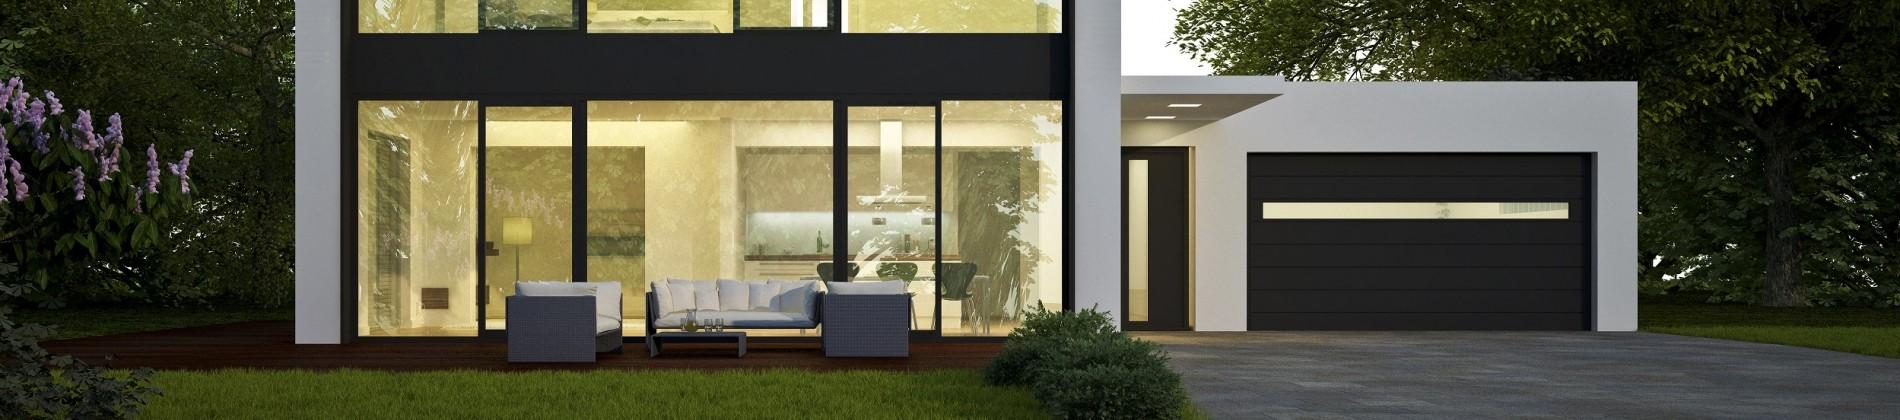 Etudes et services pour constructeurs de maisons for Recherche constructeur maison individuelle